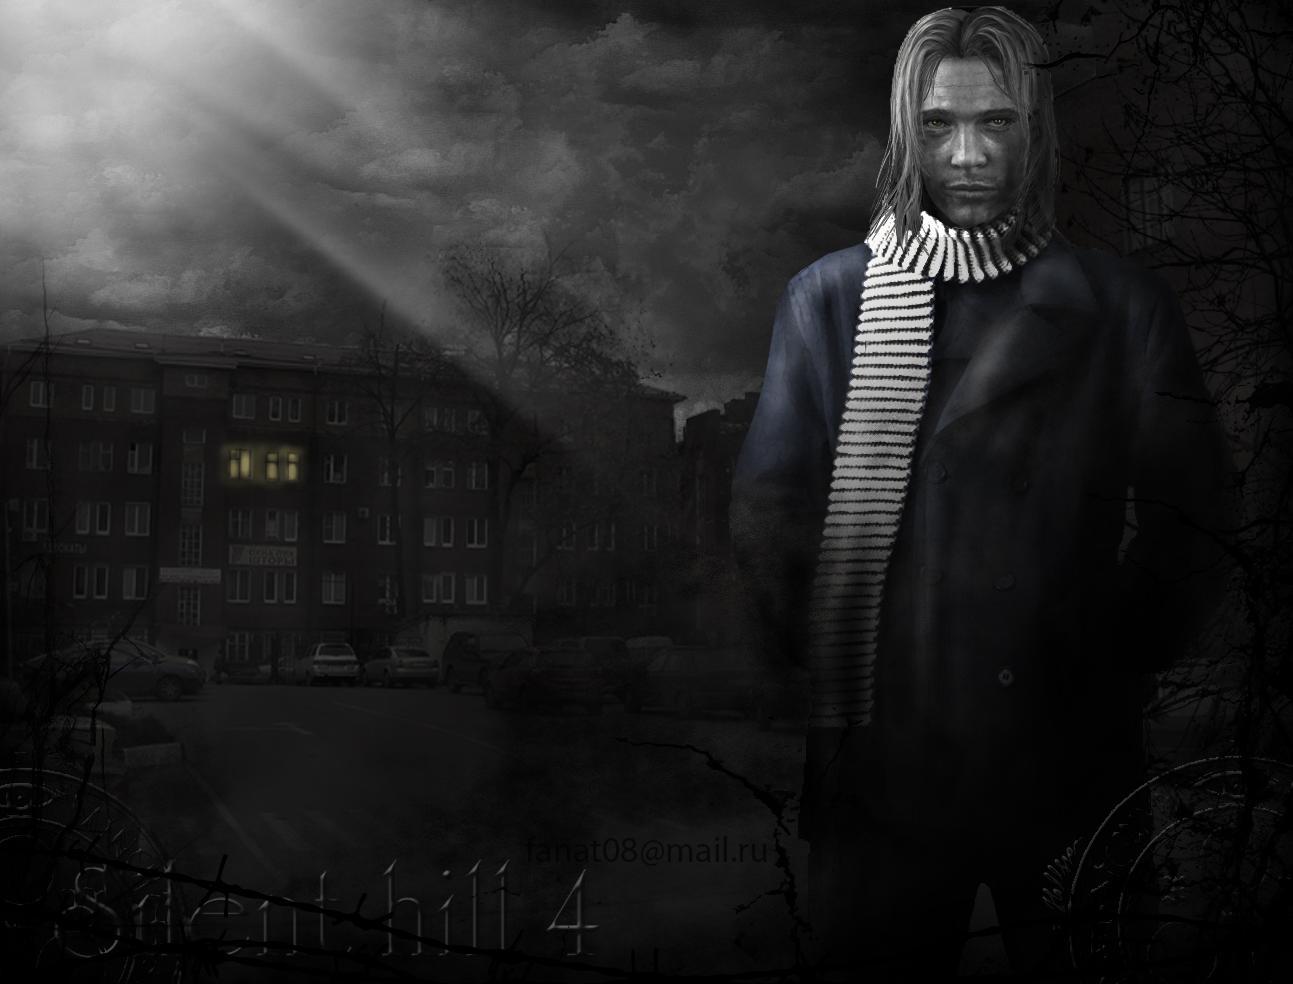 b6e1f2b24e63.jpg - Silent Hill 4: The Room